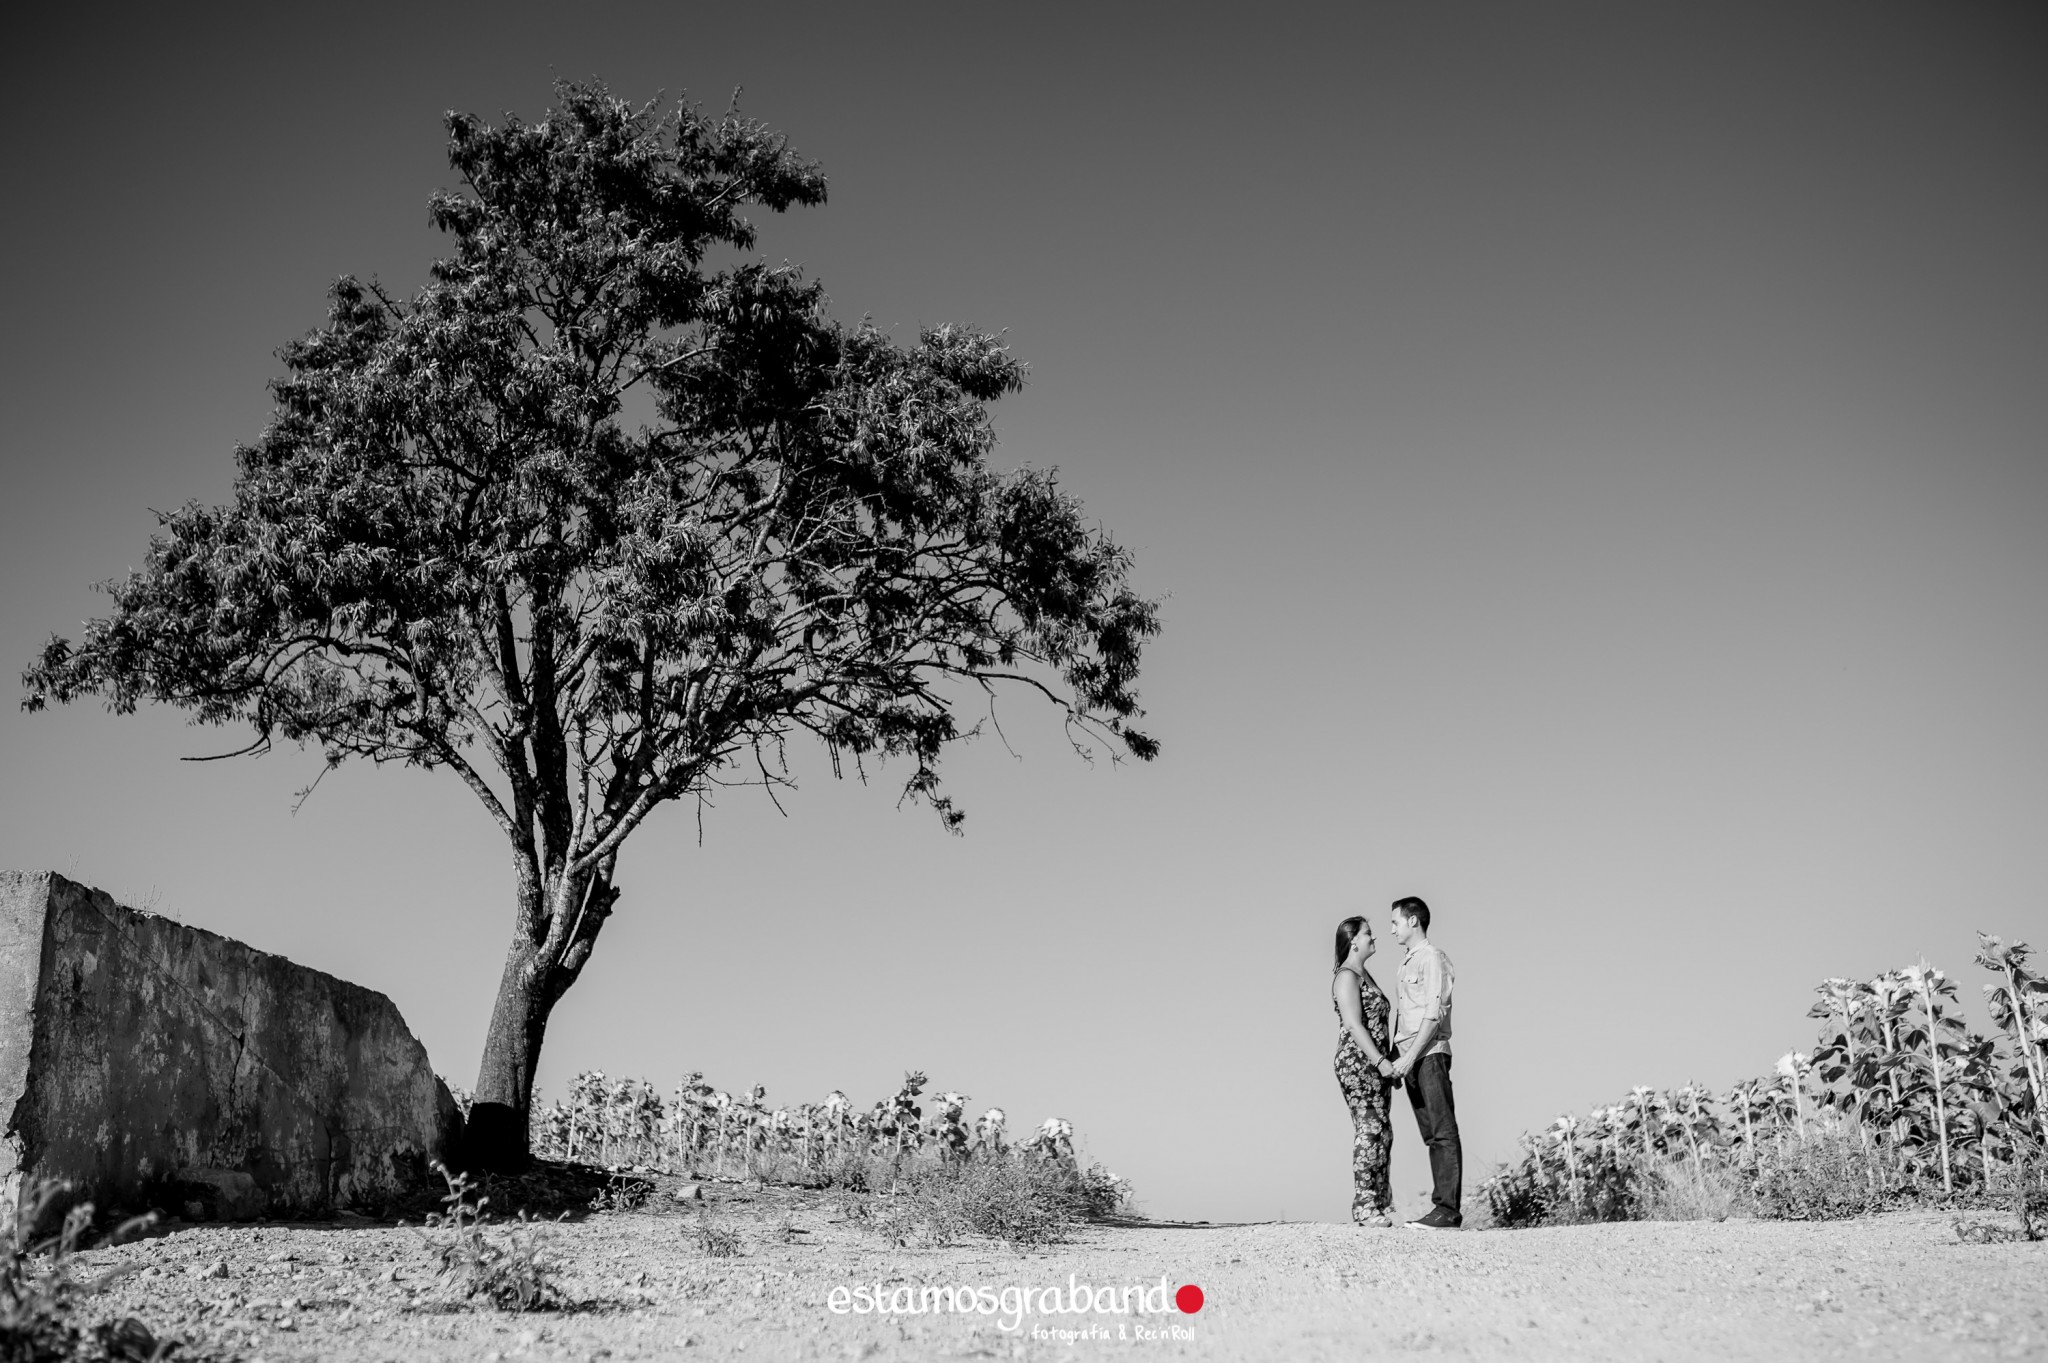 preboda-may-y-sergio-preboda-sesion-rec-and-rollera-fotos-de-pareja-e-session-fotos-boda-jerez-fotos-boda-jerez_ 10 días [Preboda May & Sergio] - video boda cadiz